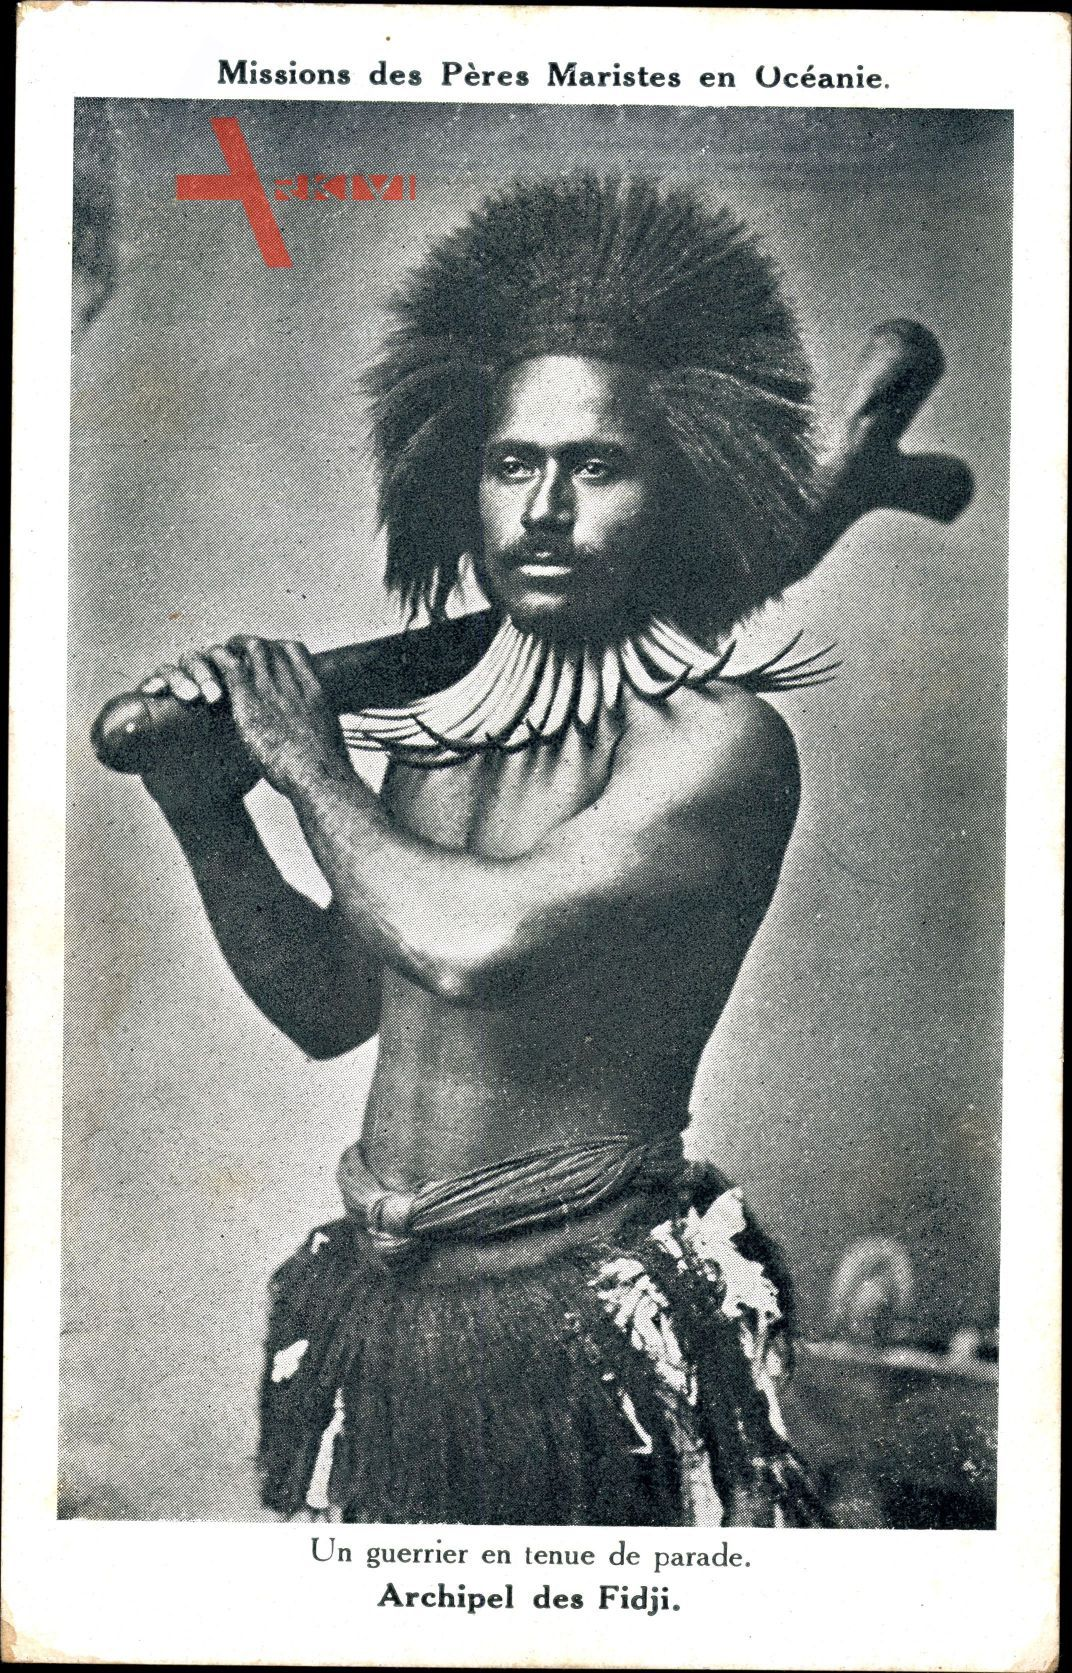 Un guerrier en tenue de parade, Archipel de Fidji, Missions Maristes